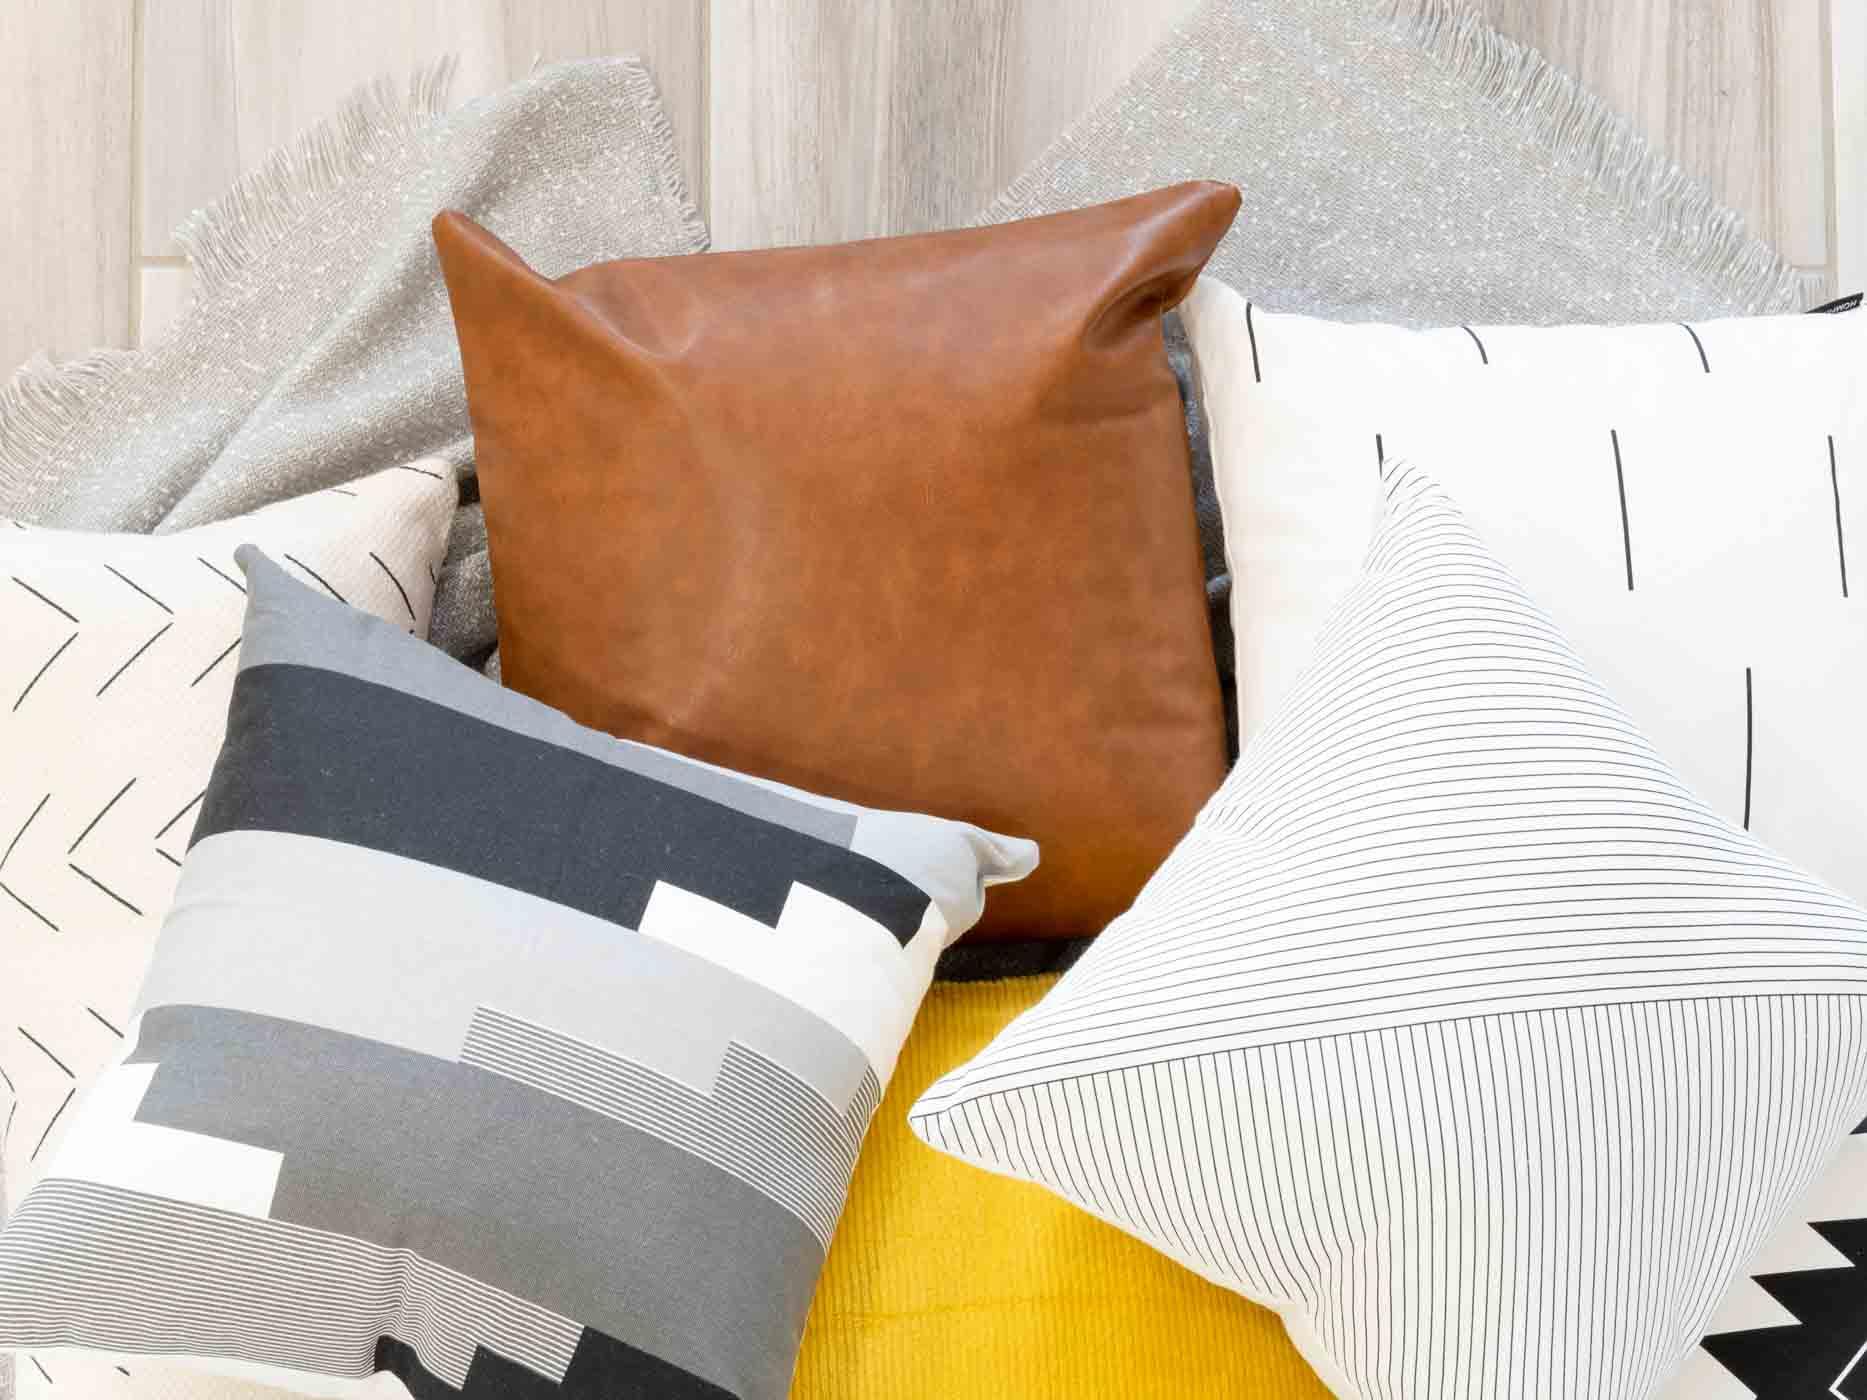 decorative throw pillows on the floors